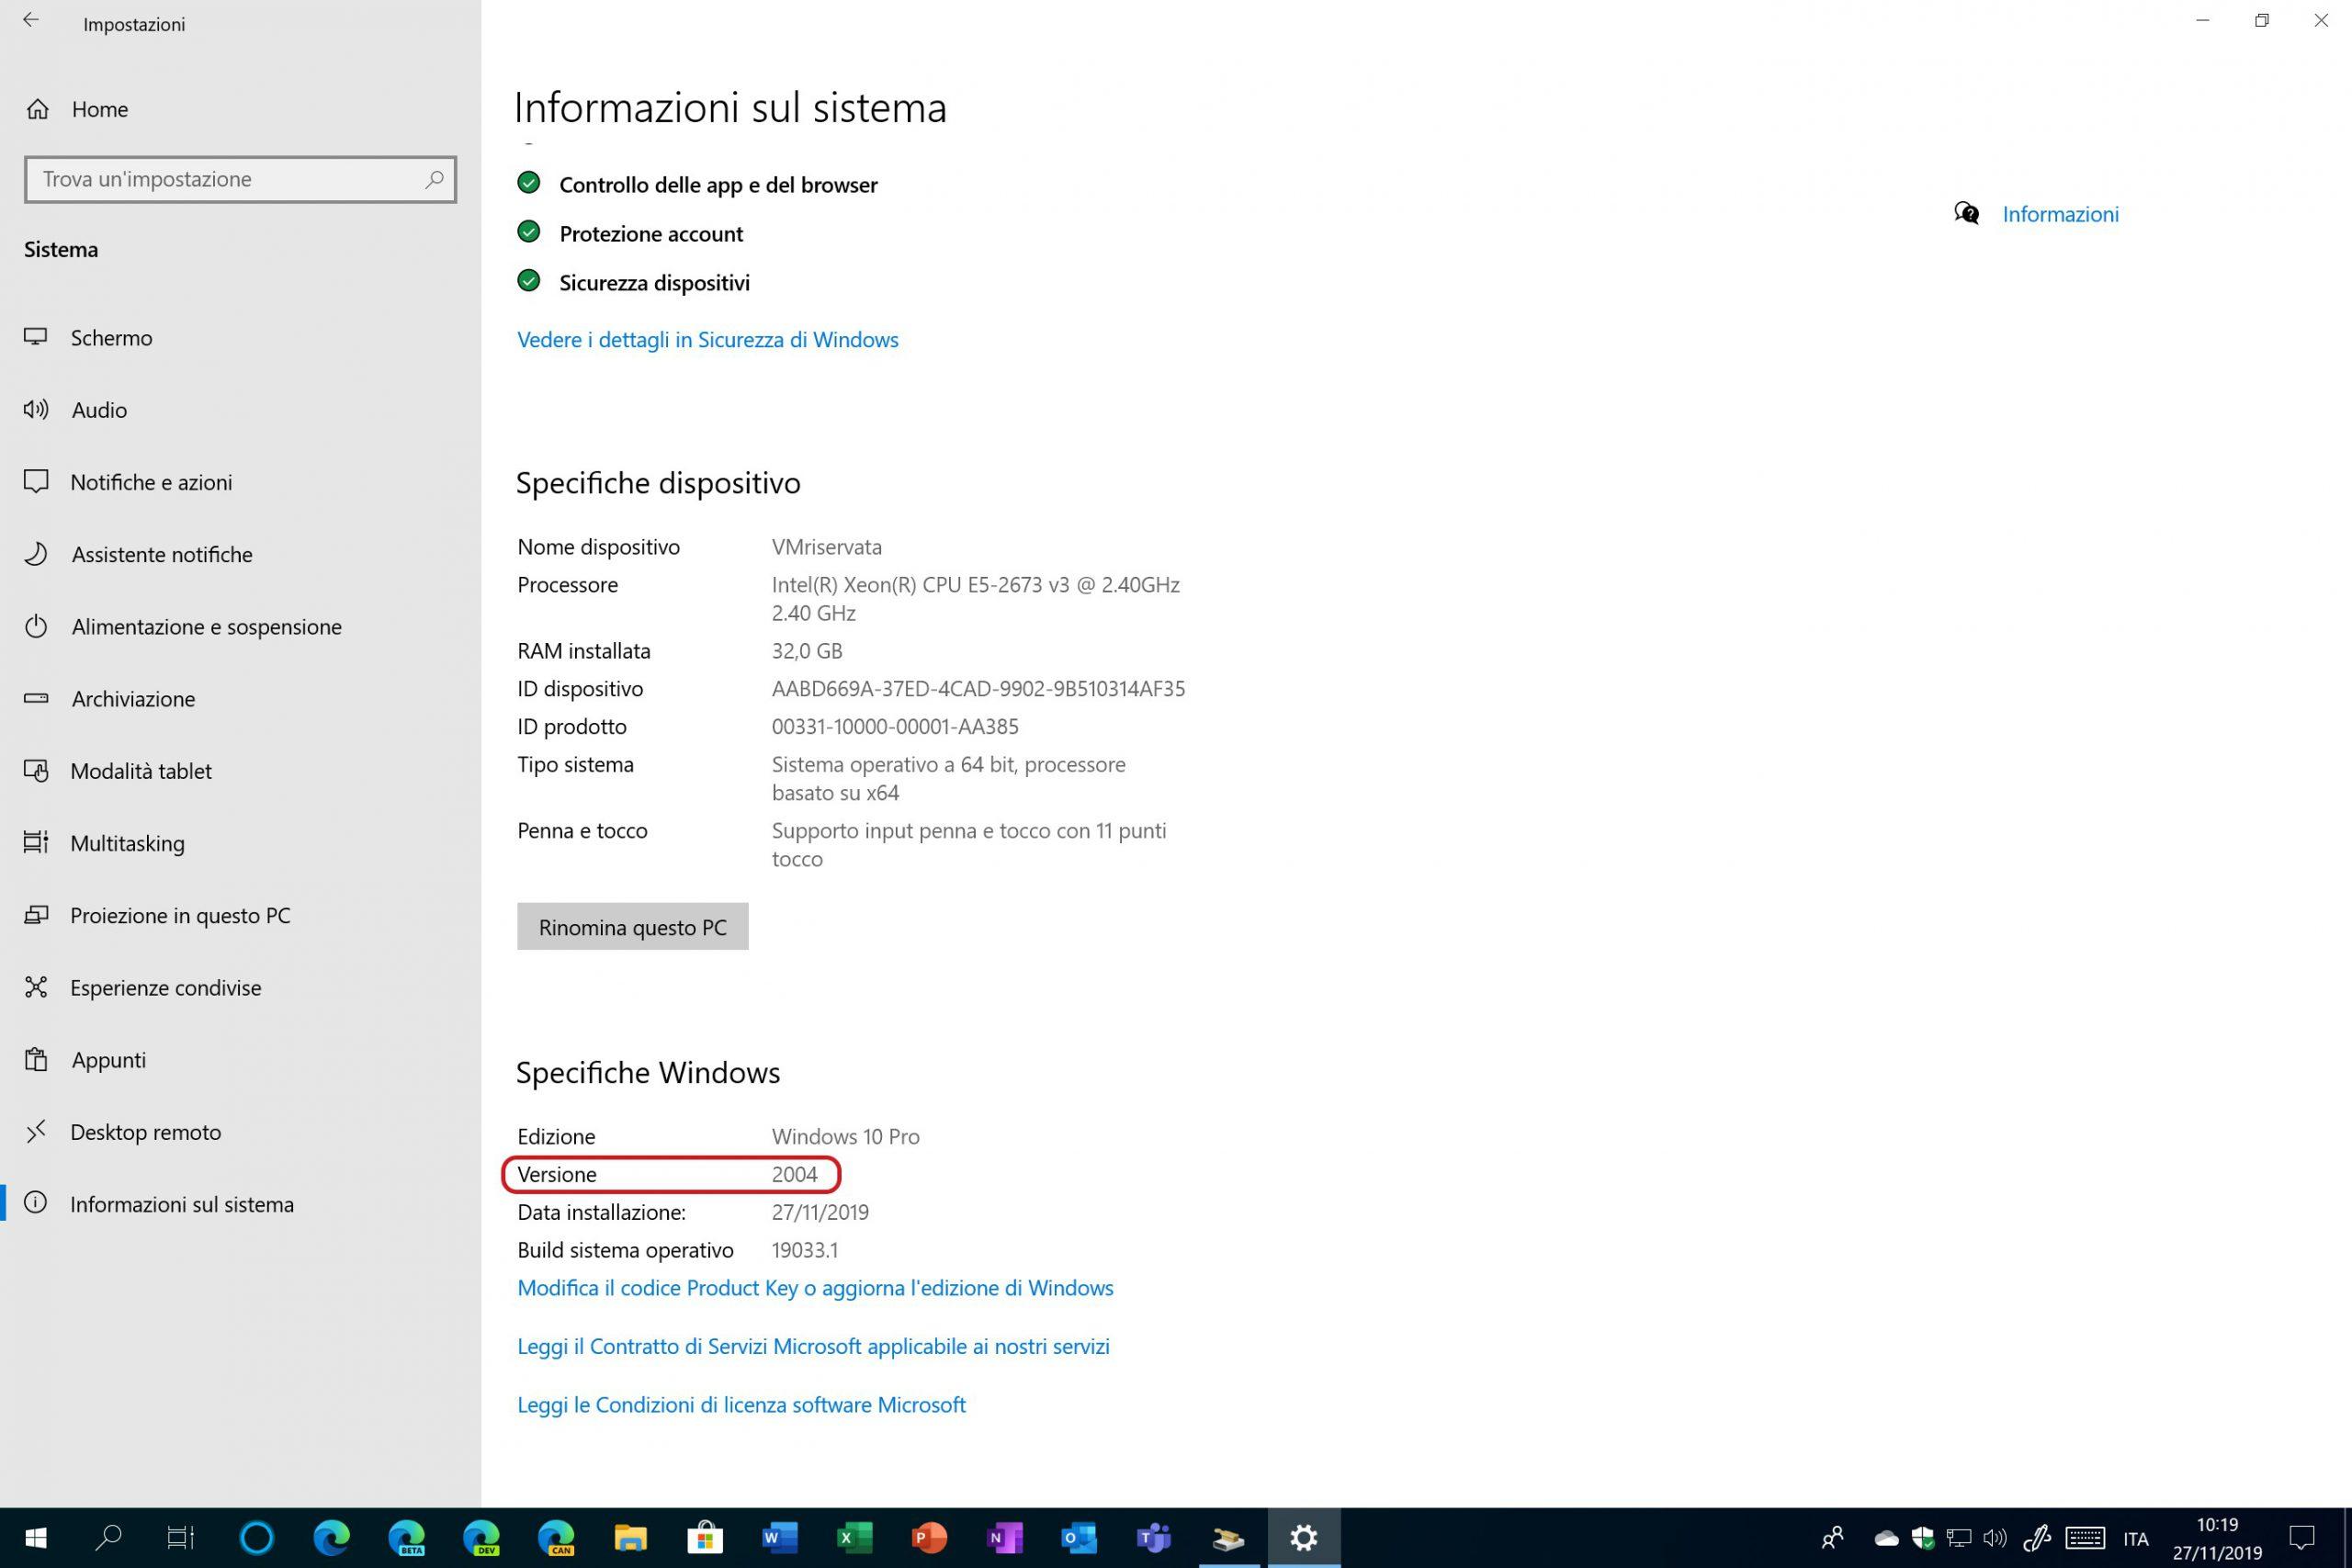 Windows 10 20H1 numero versione 2004